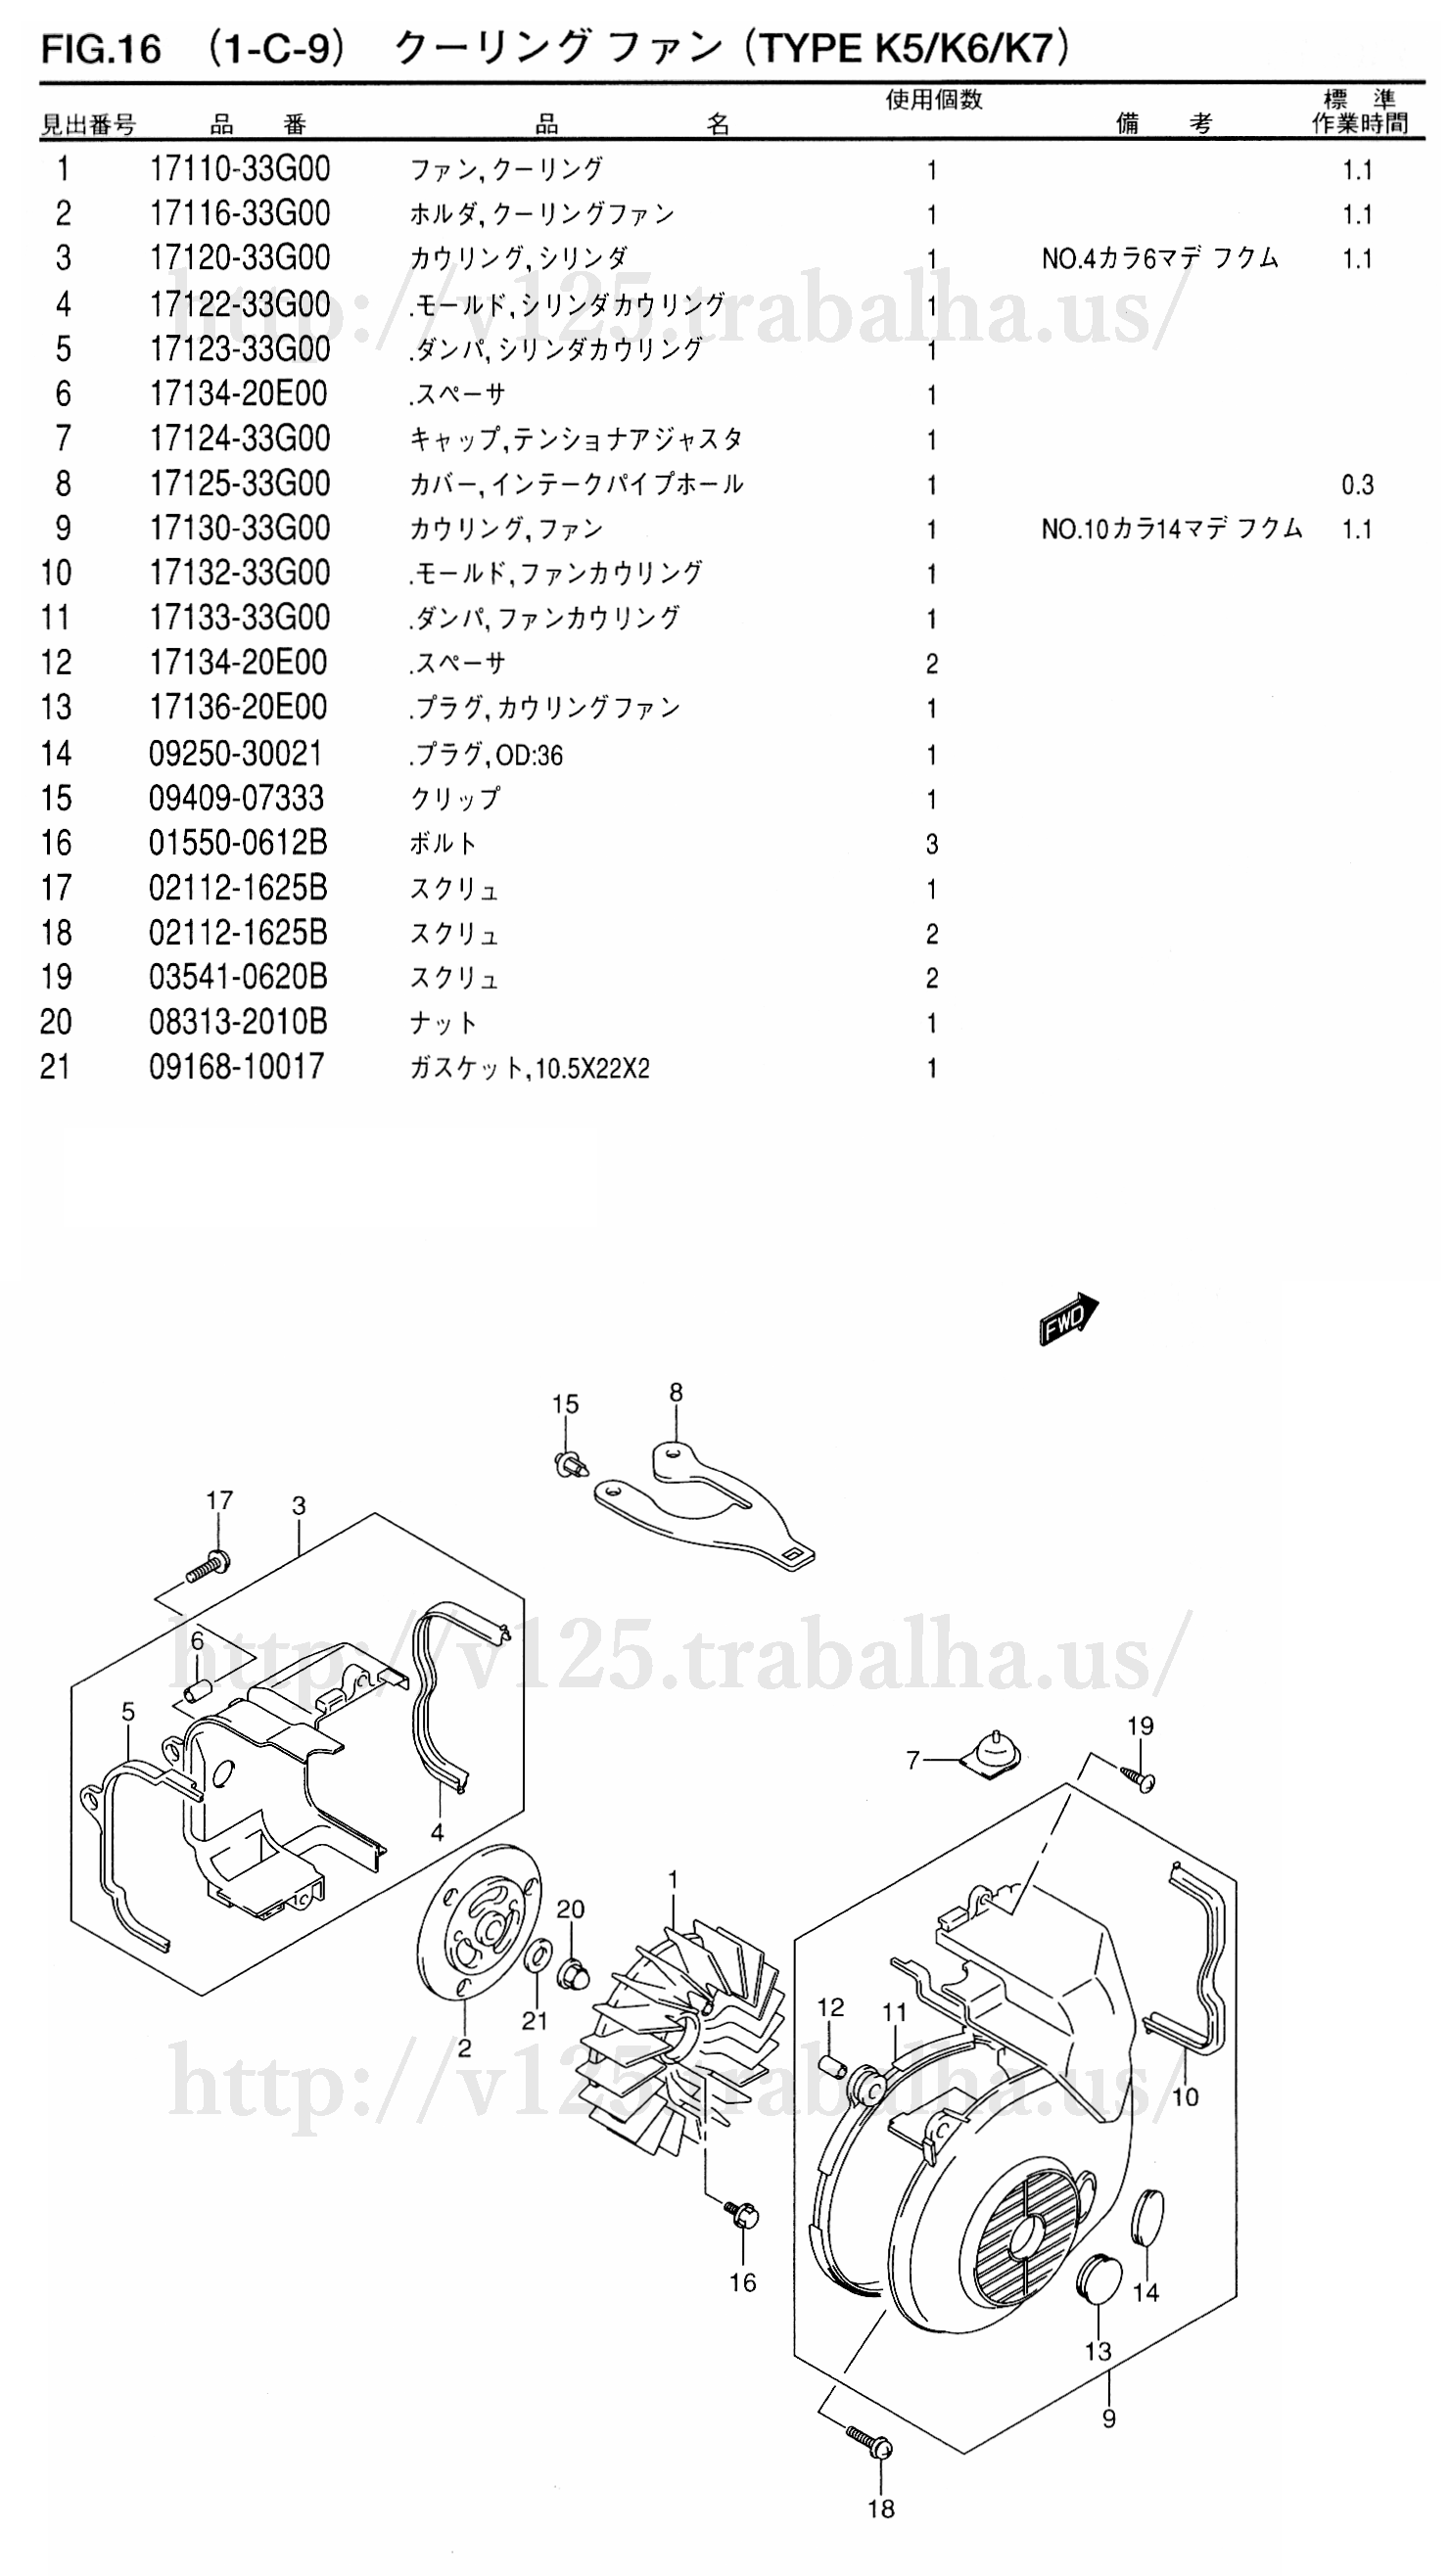 FIG.16(1-C-9)クーリングファン(TYPE K5/K6/K7)